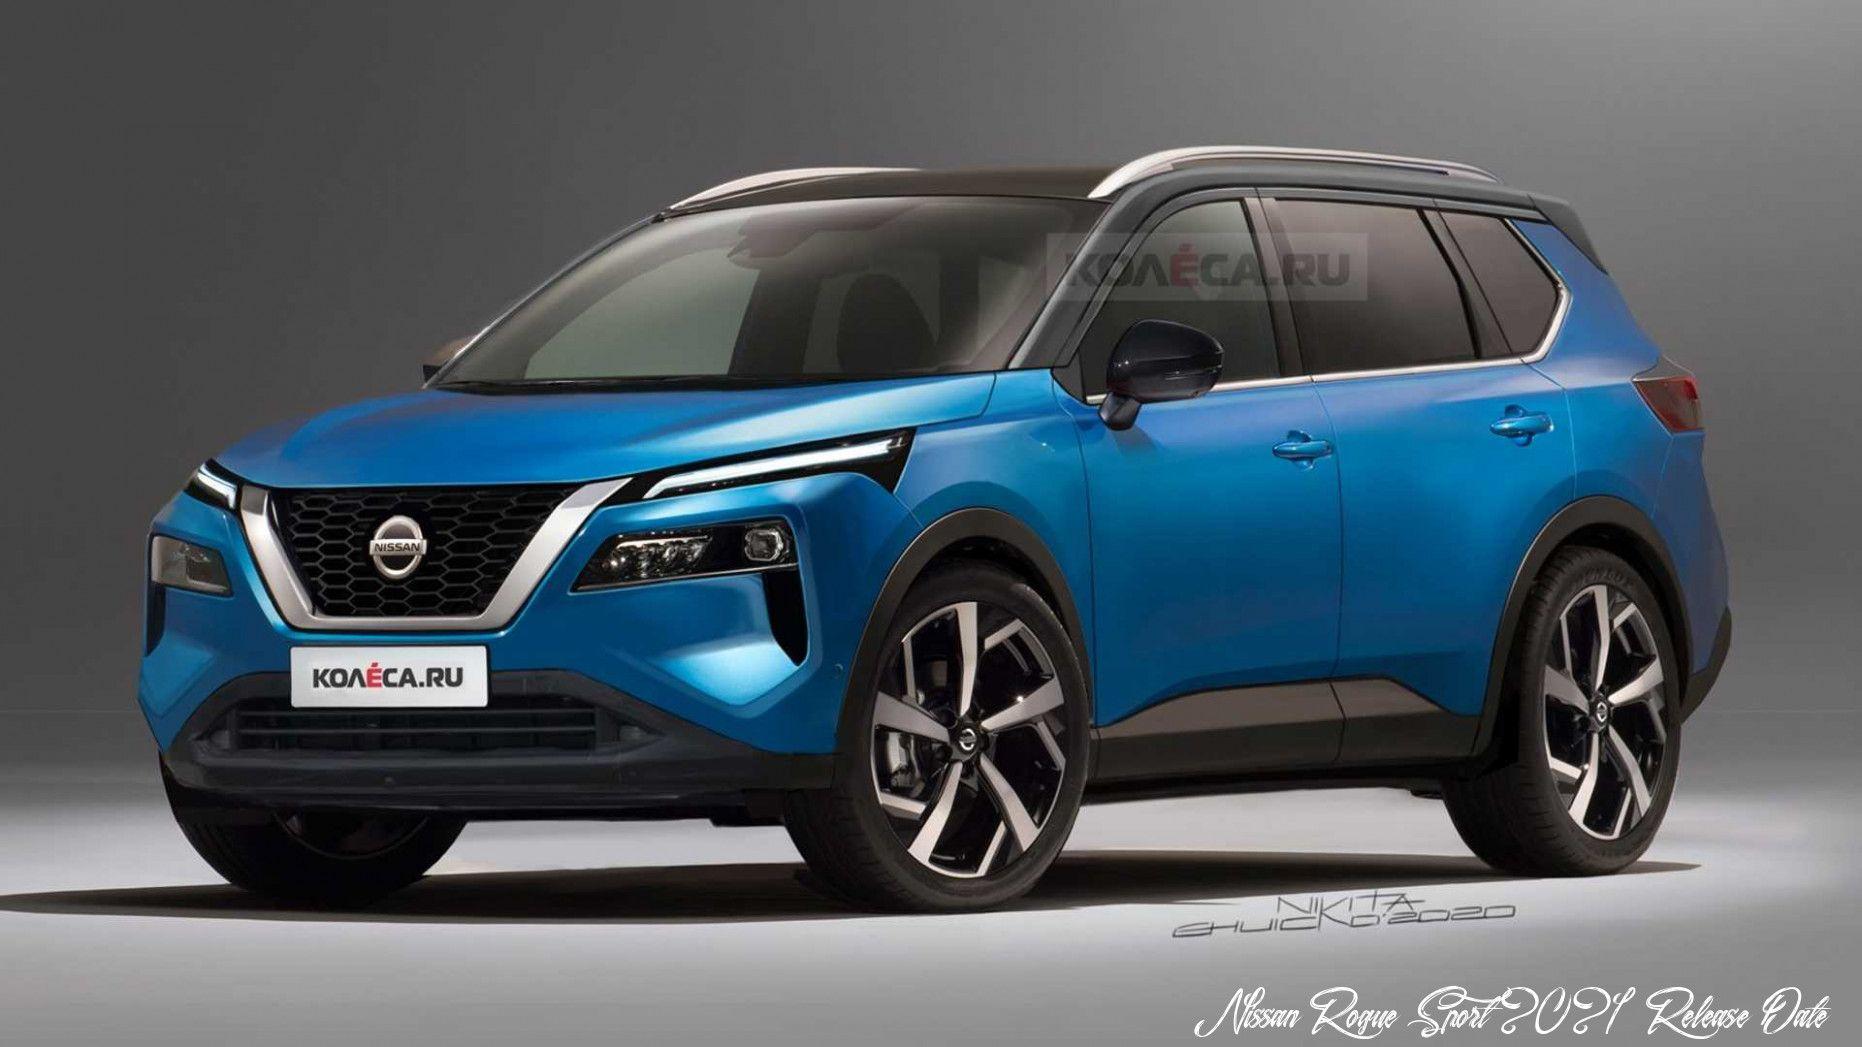 Nissan Rogue Sport 2021 Release Date Release In 2020 Nissan Rogue Nissan Xtrail Nissan